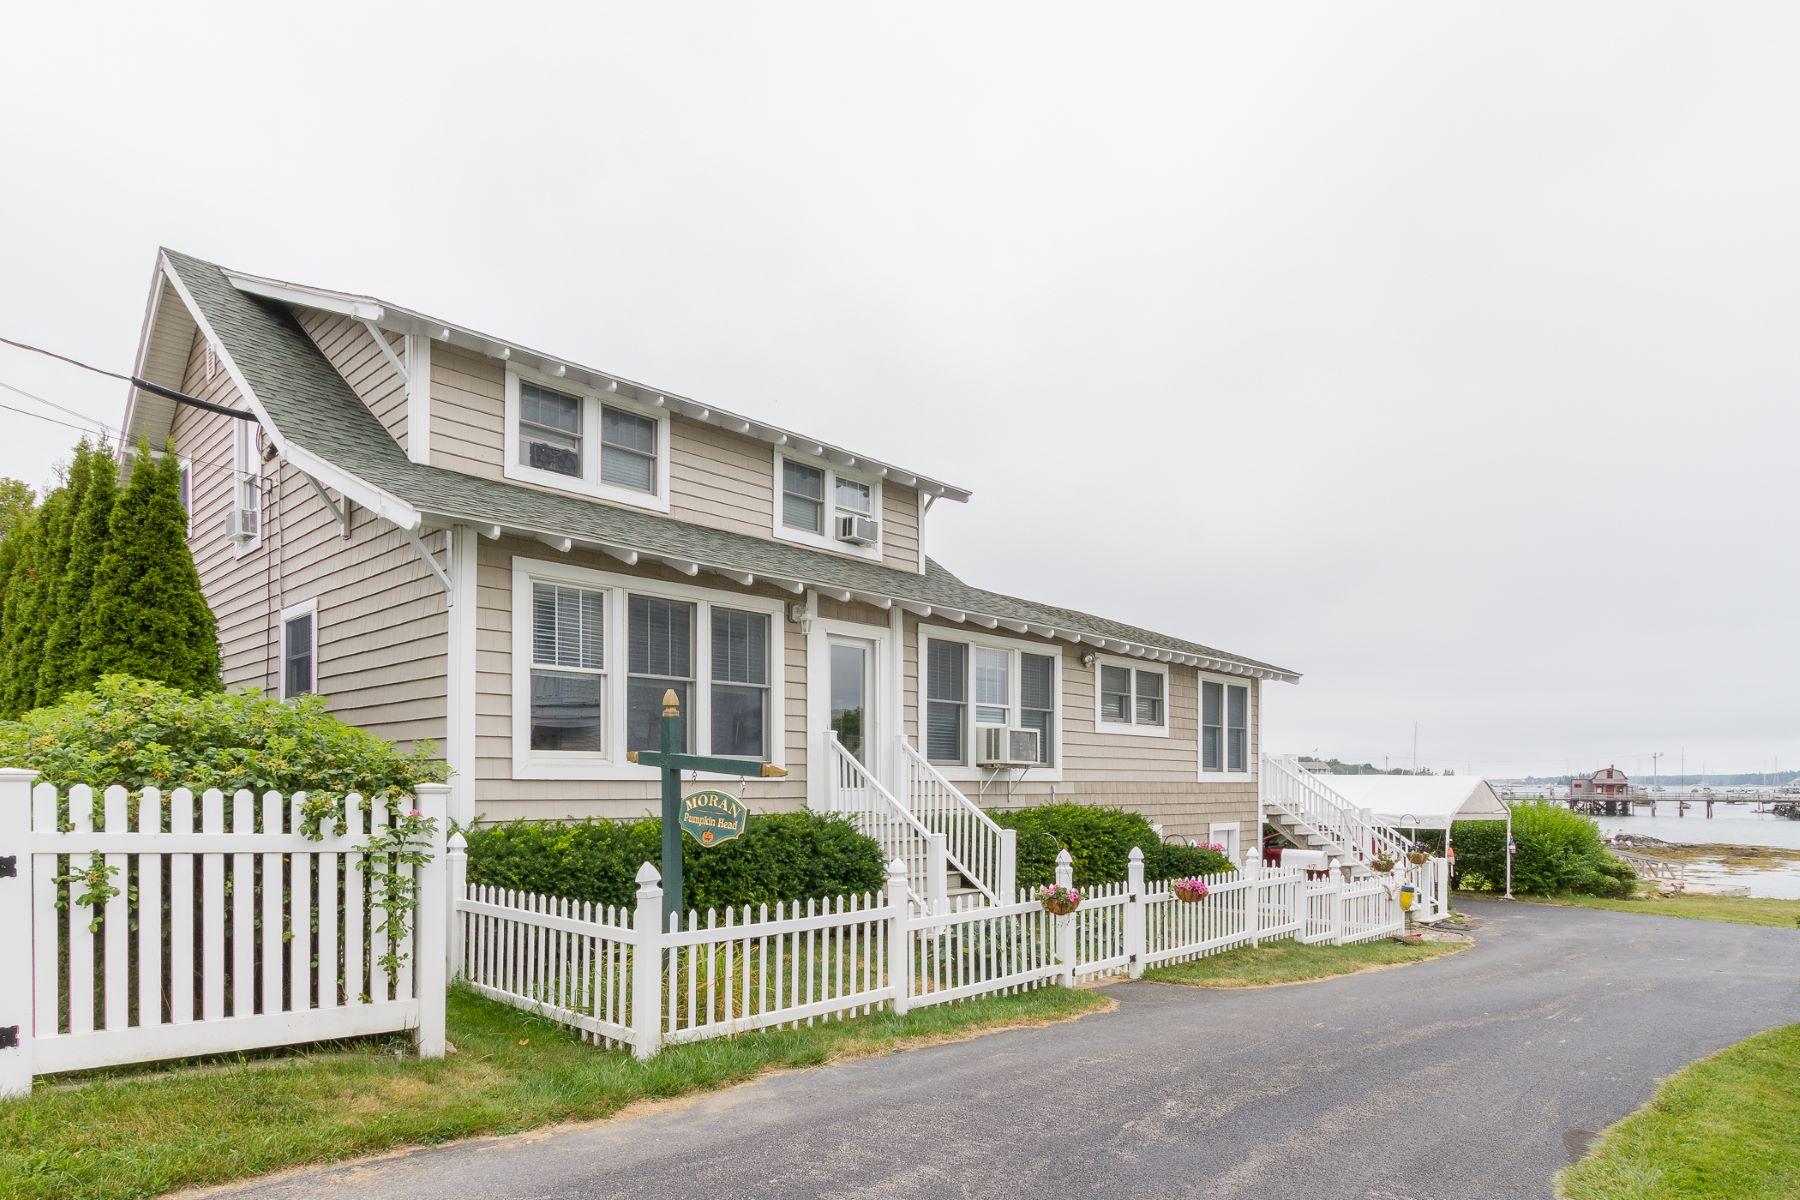 Maison unifamiliale pour l Vente à 47 Union Street Boothbay Harbor, Maine, 04538 États-Unis